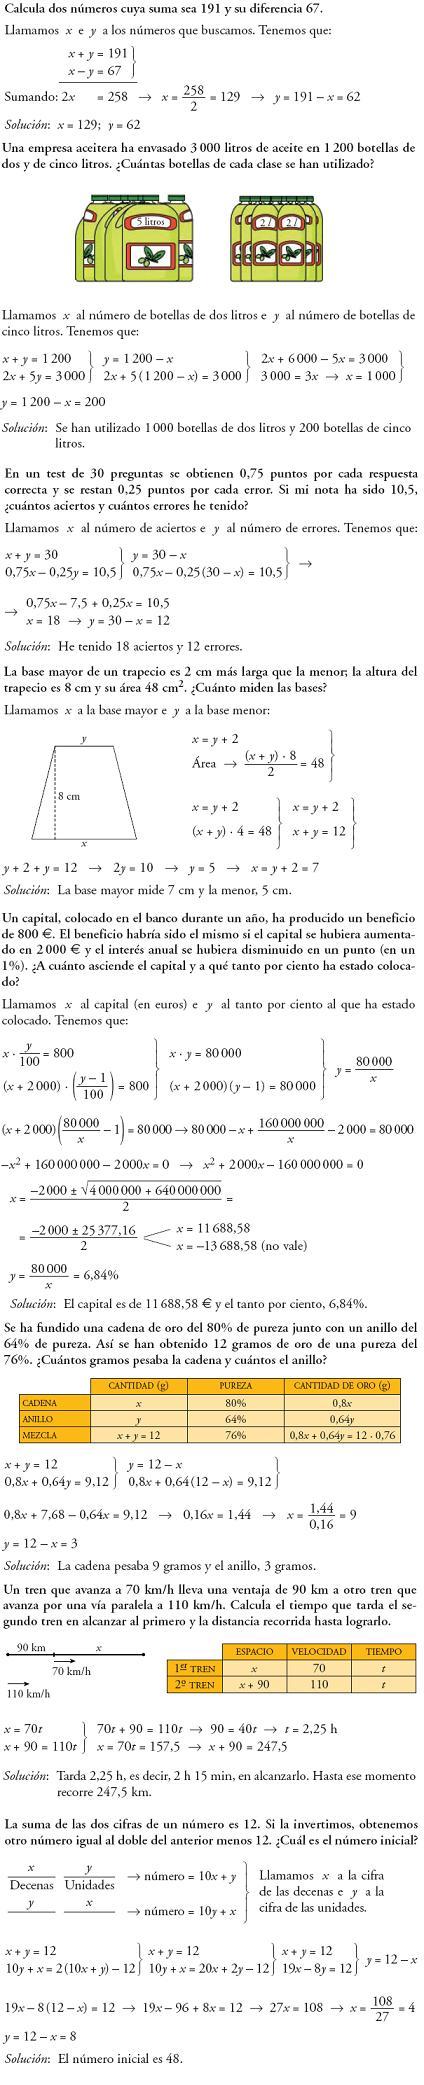 Matemáticas. Piensa y resuelve. Problemas resueltos 3ºESO de sistemas de ecuaciones